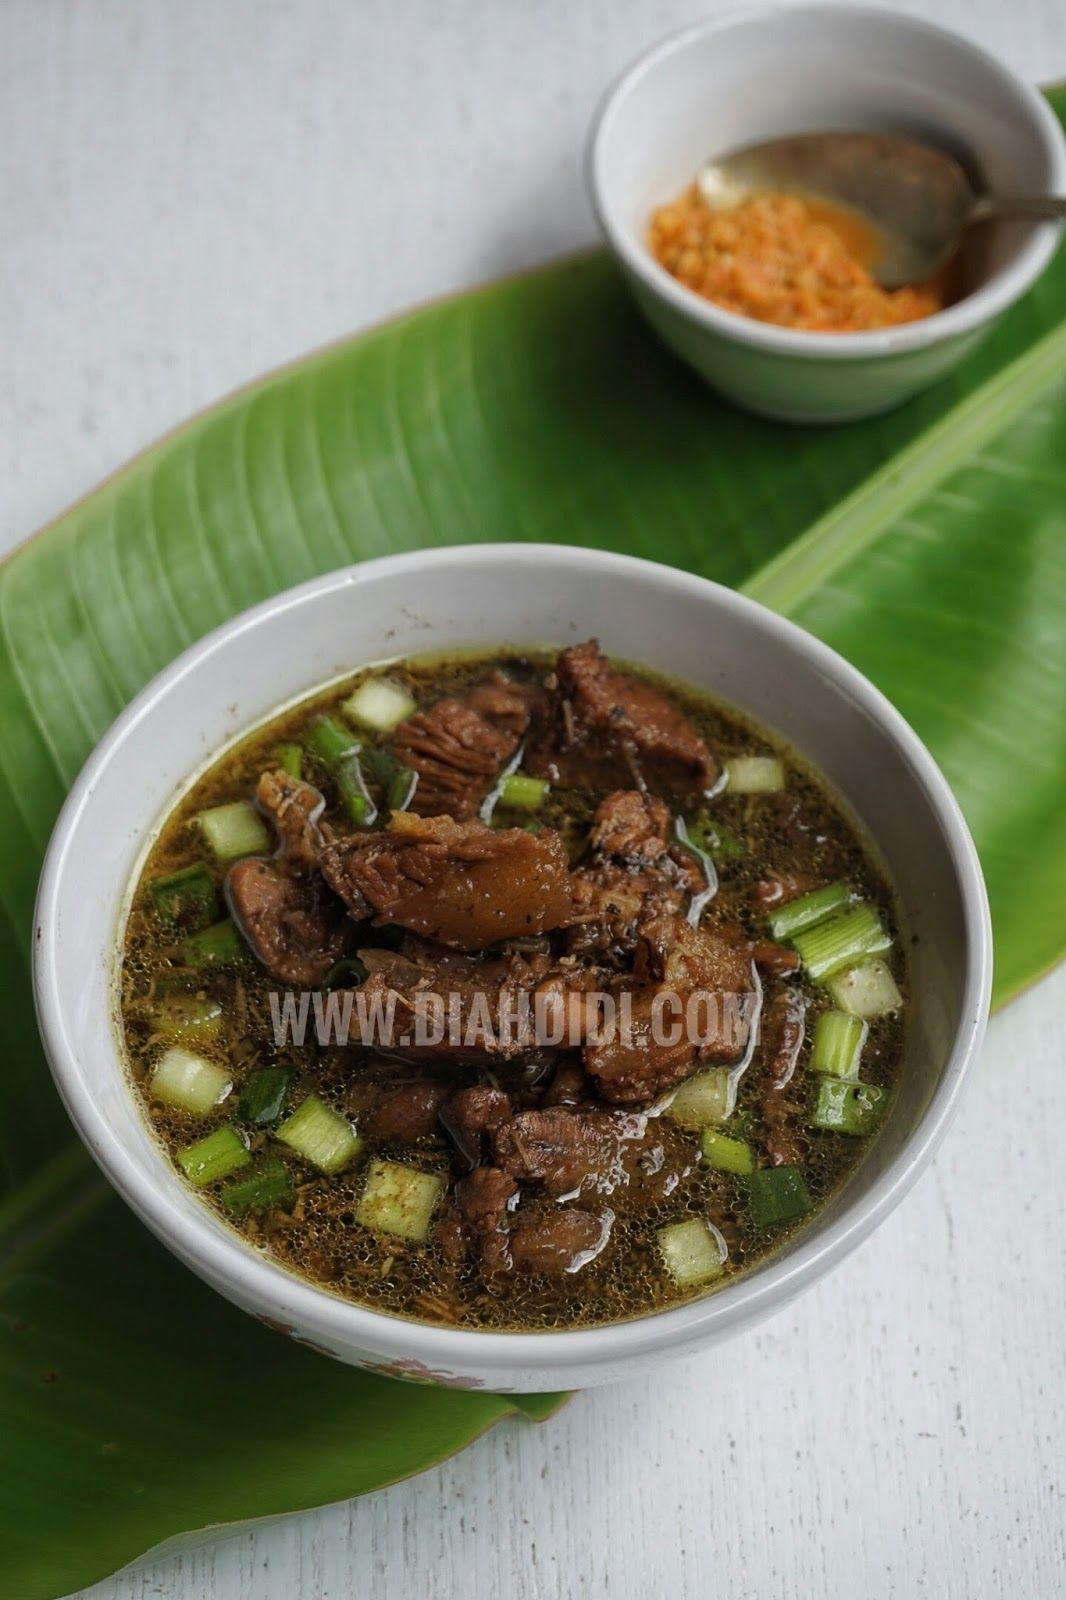 Blog Diah Didi Berisi Resep Masakan Praktis Yang Mudah Dipraktekkan Di Rumah Resep Masakan Resep Masakan Indonesia Resep Makanan